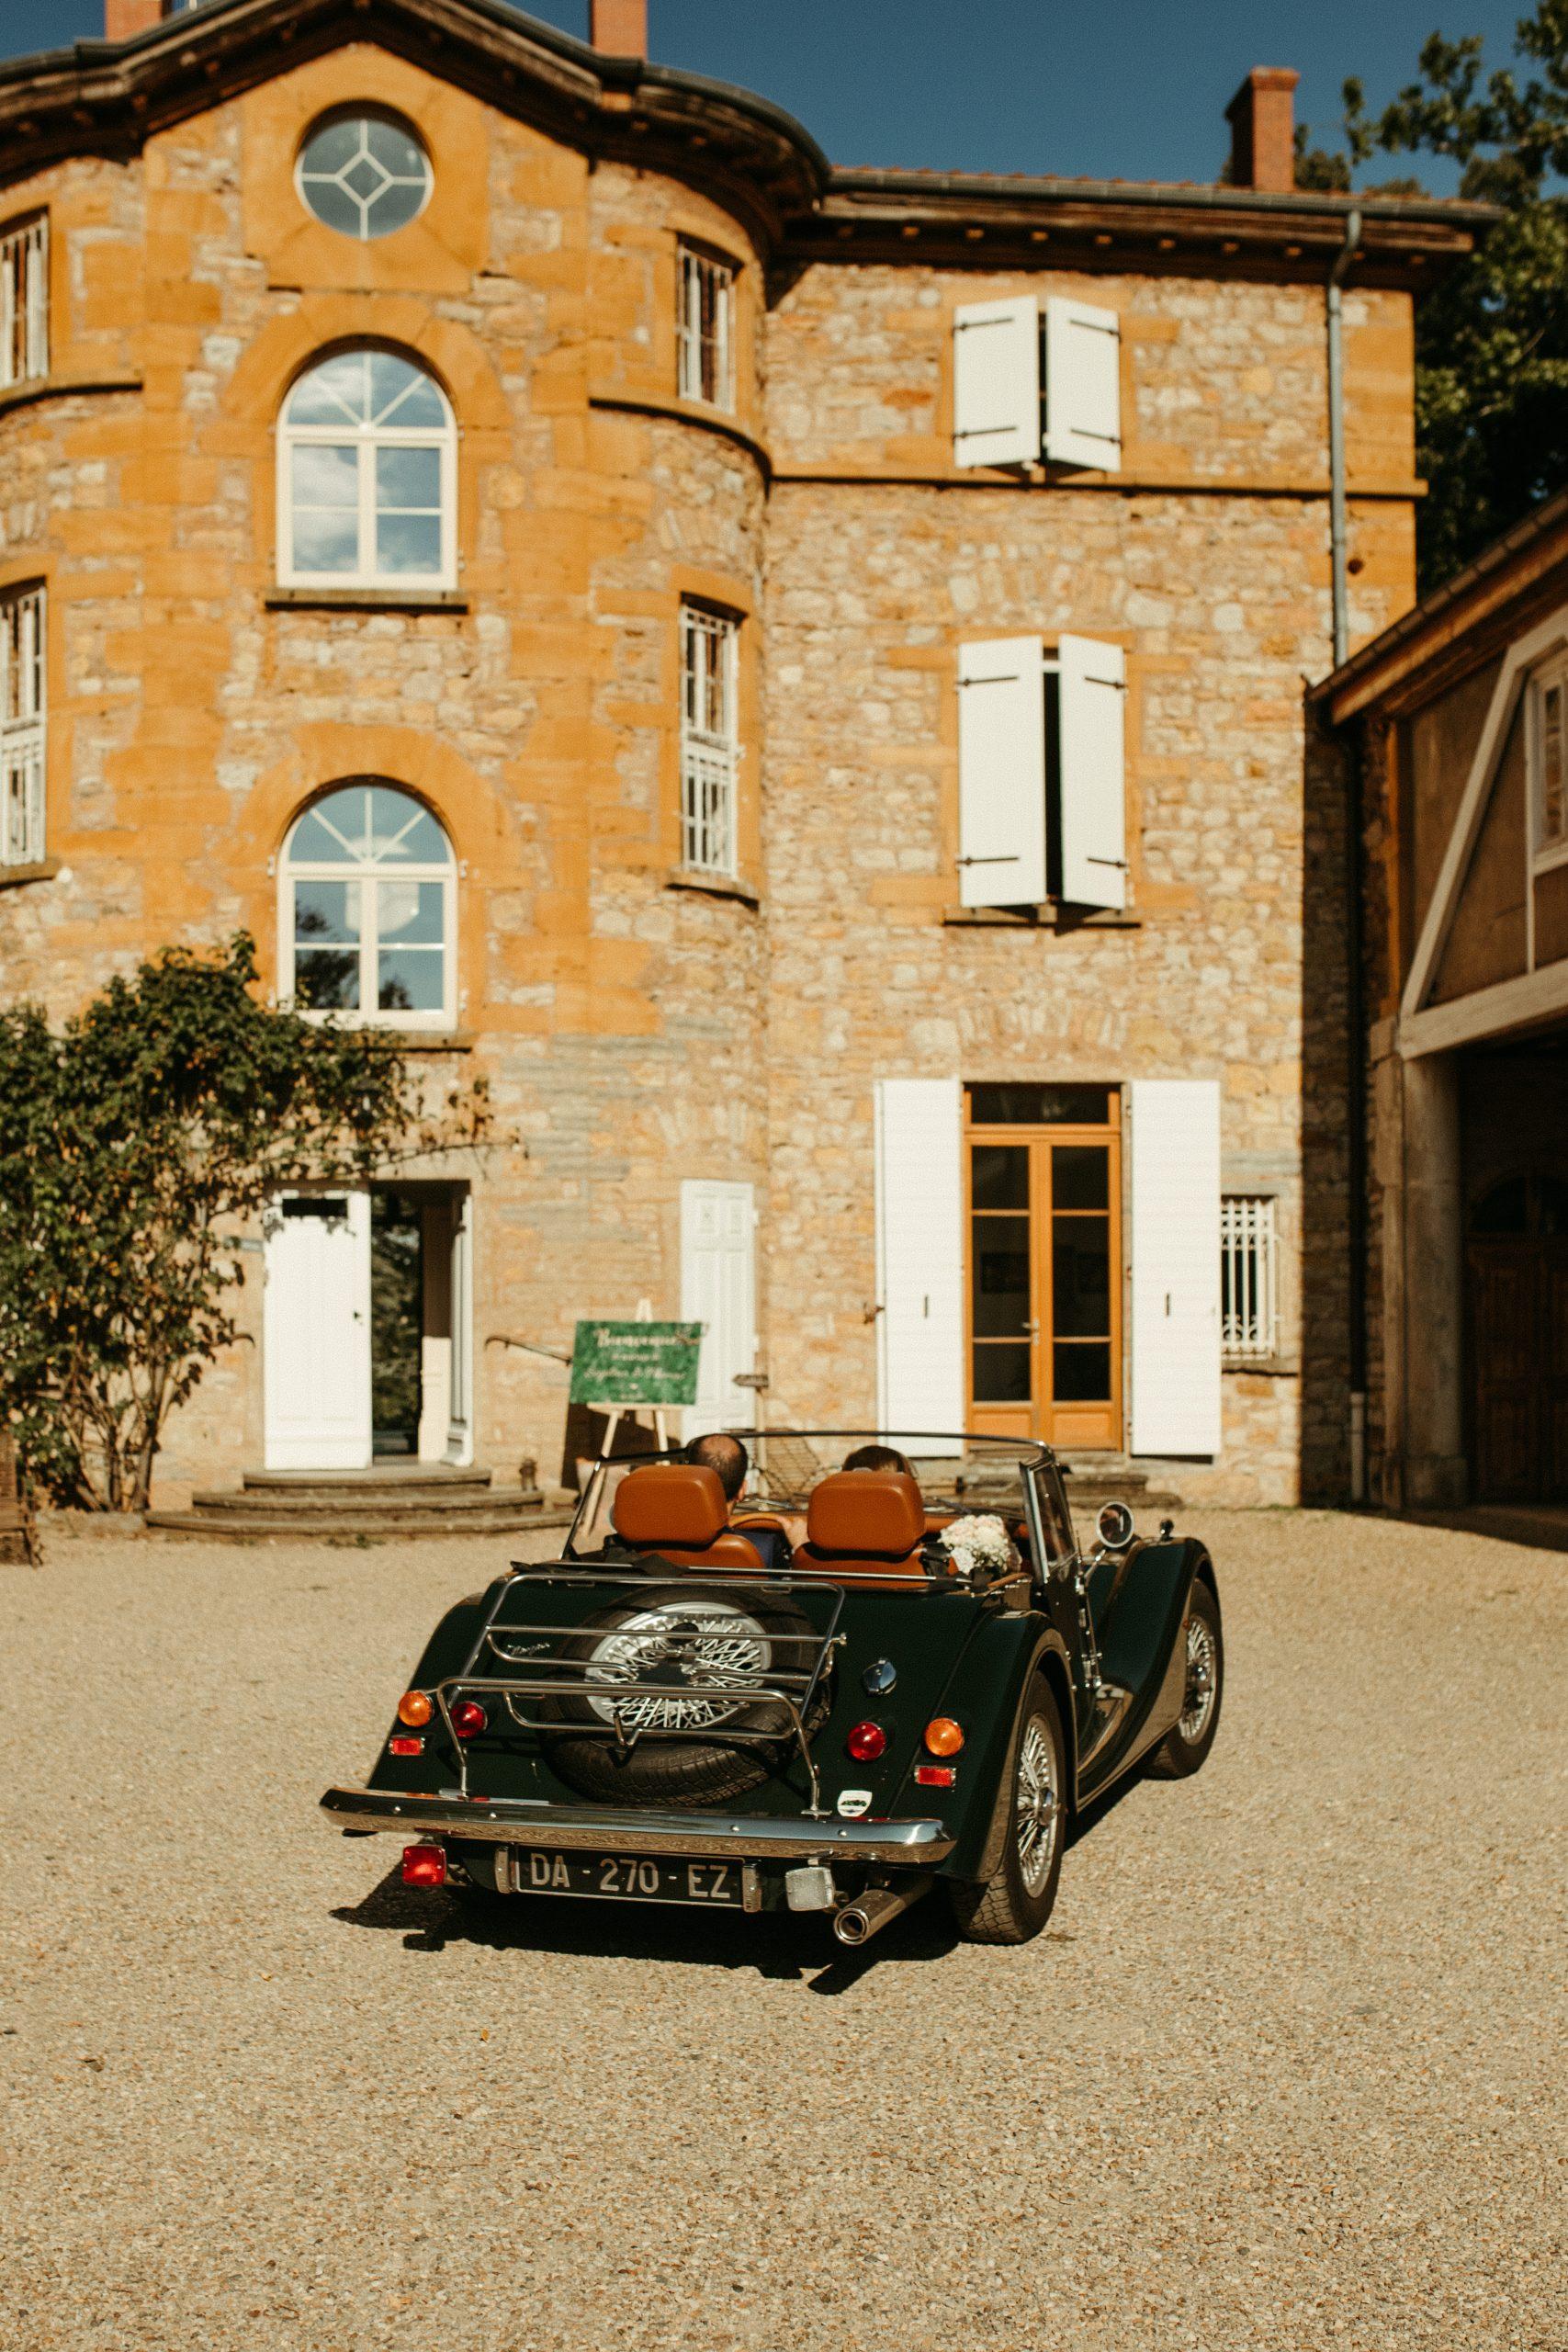 UTOPICLOVERS20200718 – MARIAGE Segolene Thomas 11287 scaled - Un mariage simple et joyeux au Manoir Tourieux dans le beaujolais.